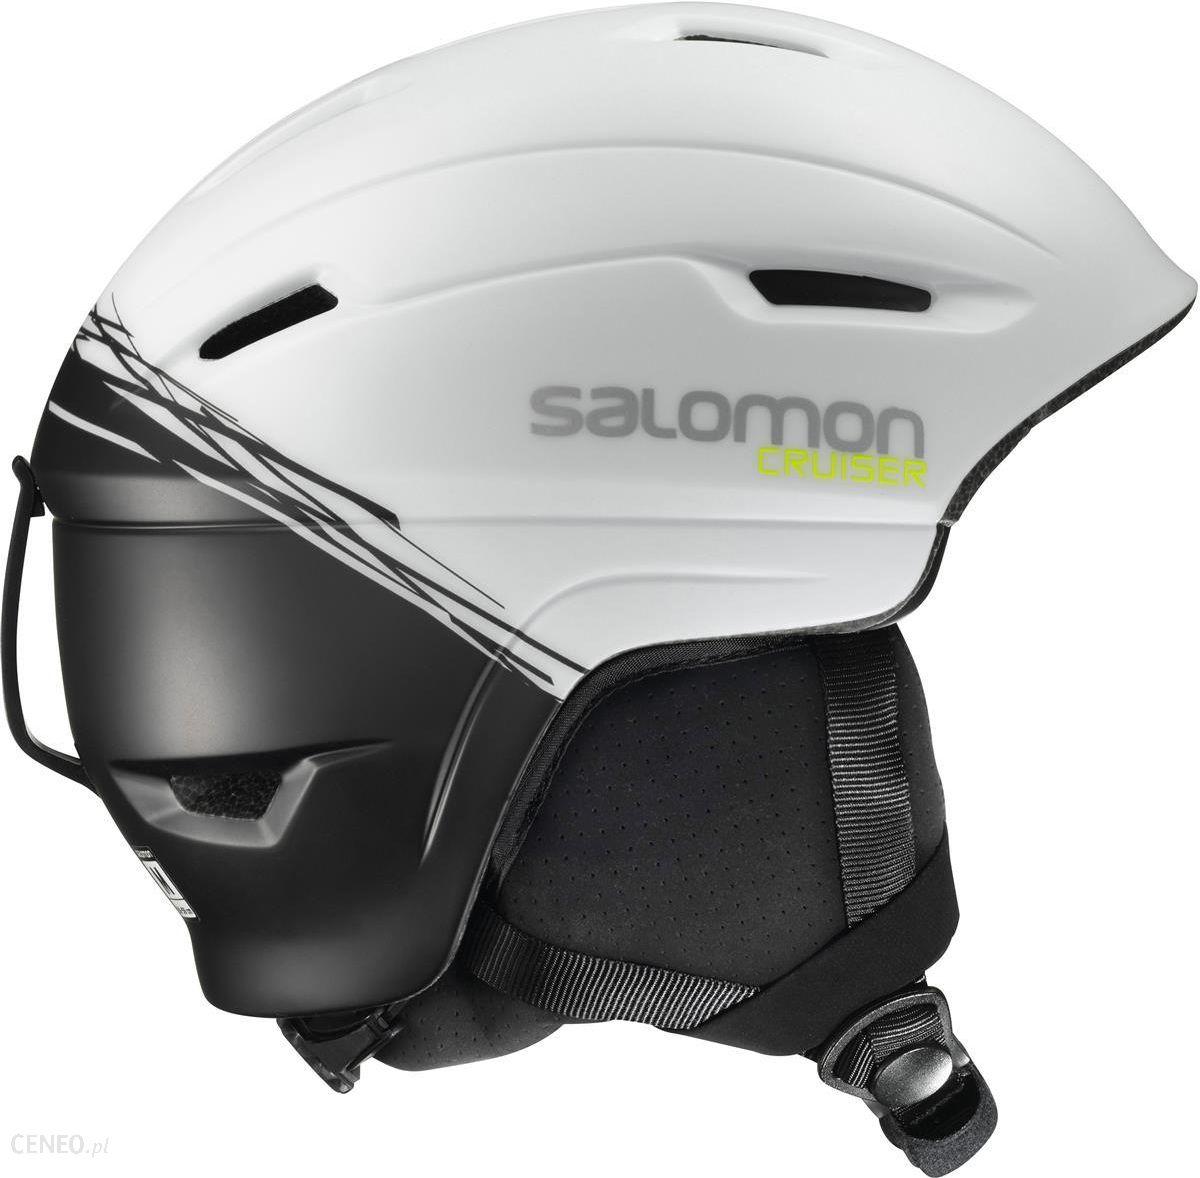 Salomon Cruiser 4D Biały Czarny